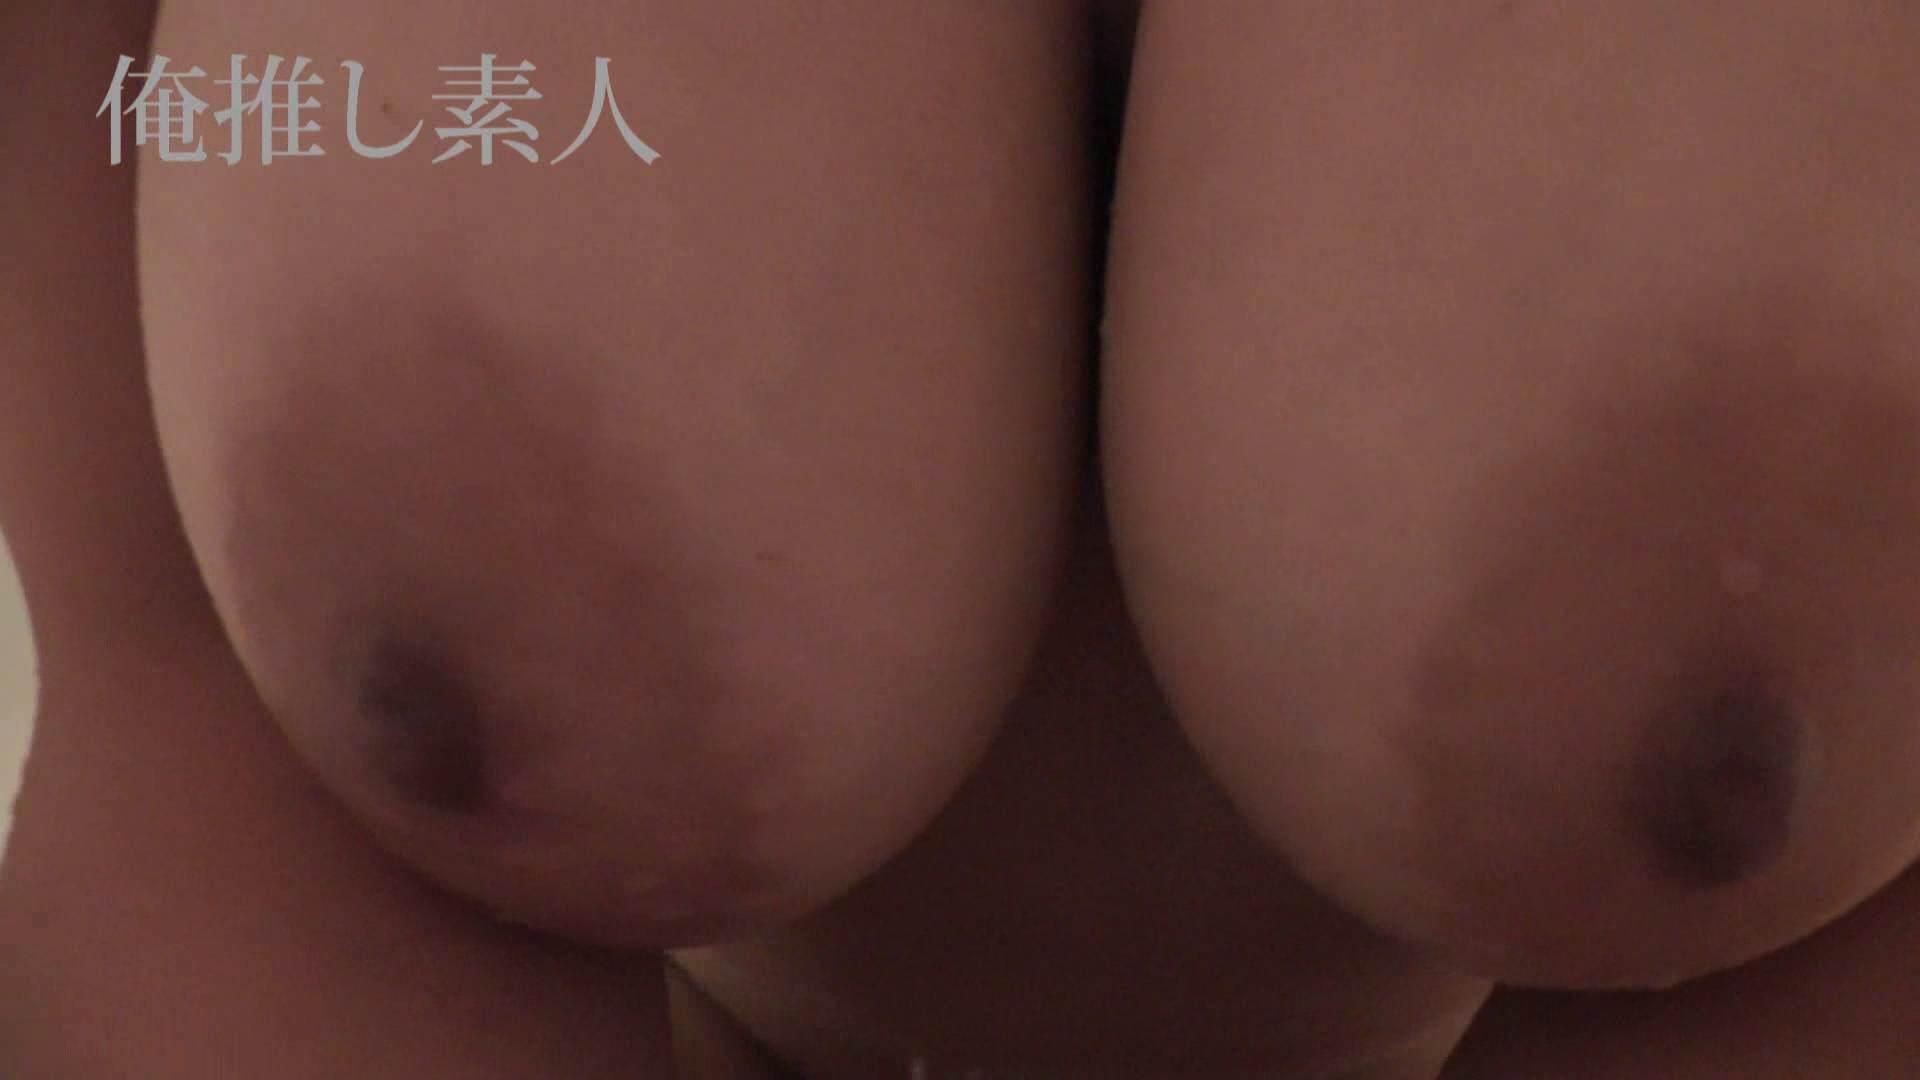 俺推し素人 30代人妻熟女キャバ嬢雫Vol.02 素人   おっぱい  85pic 22